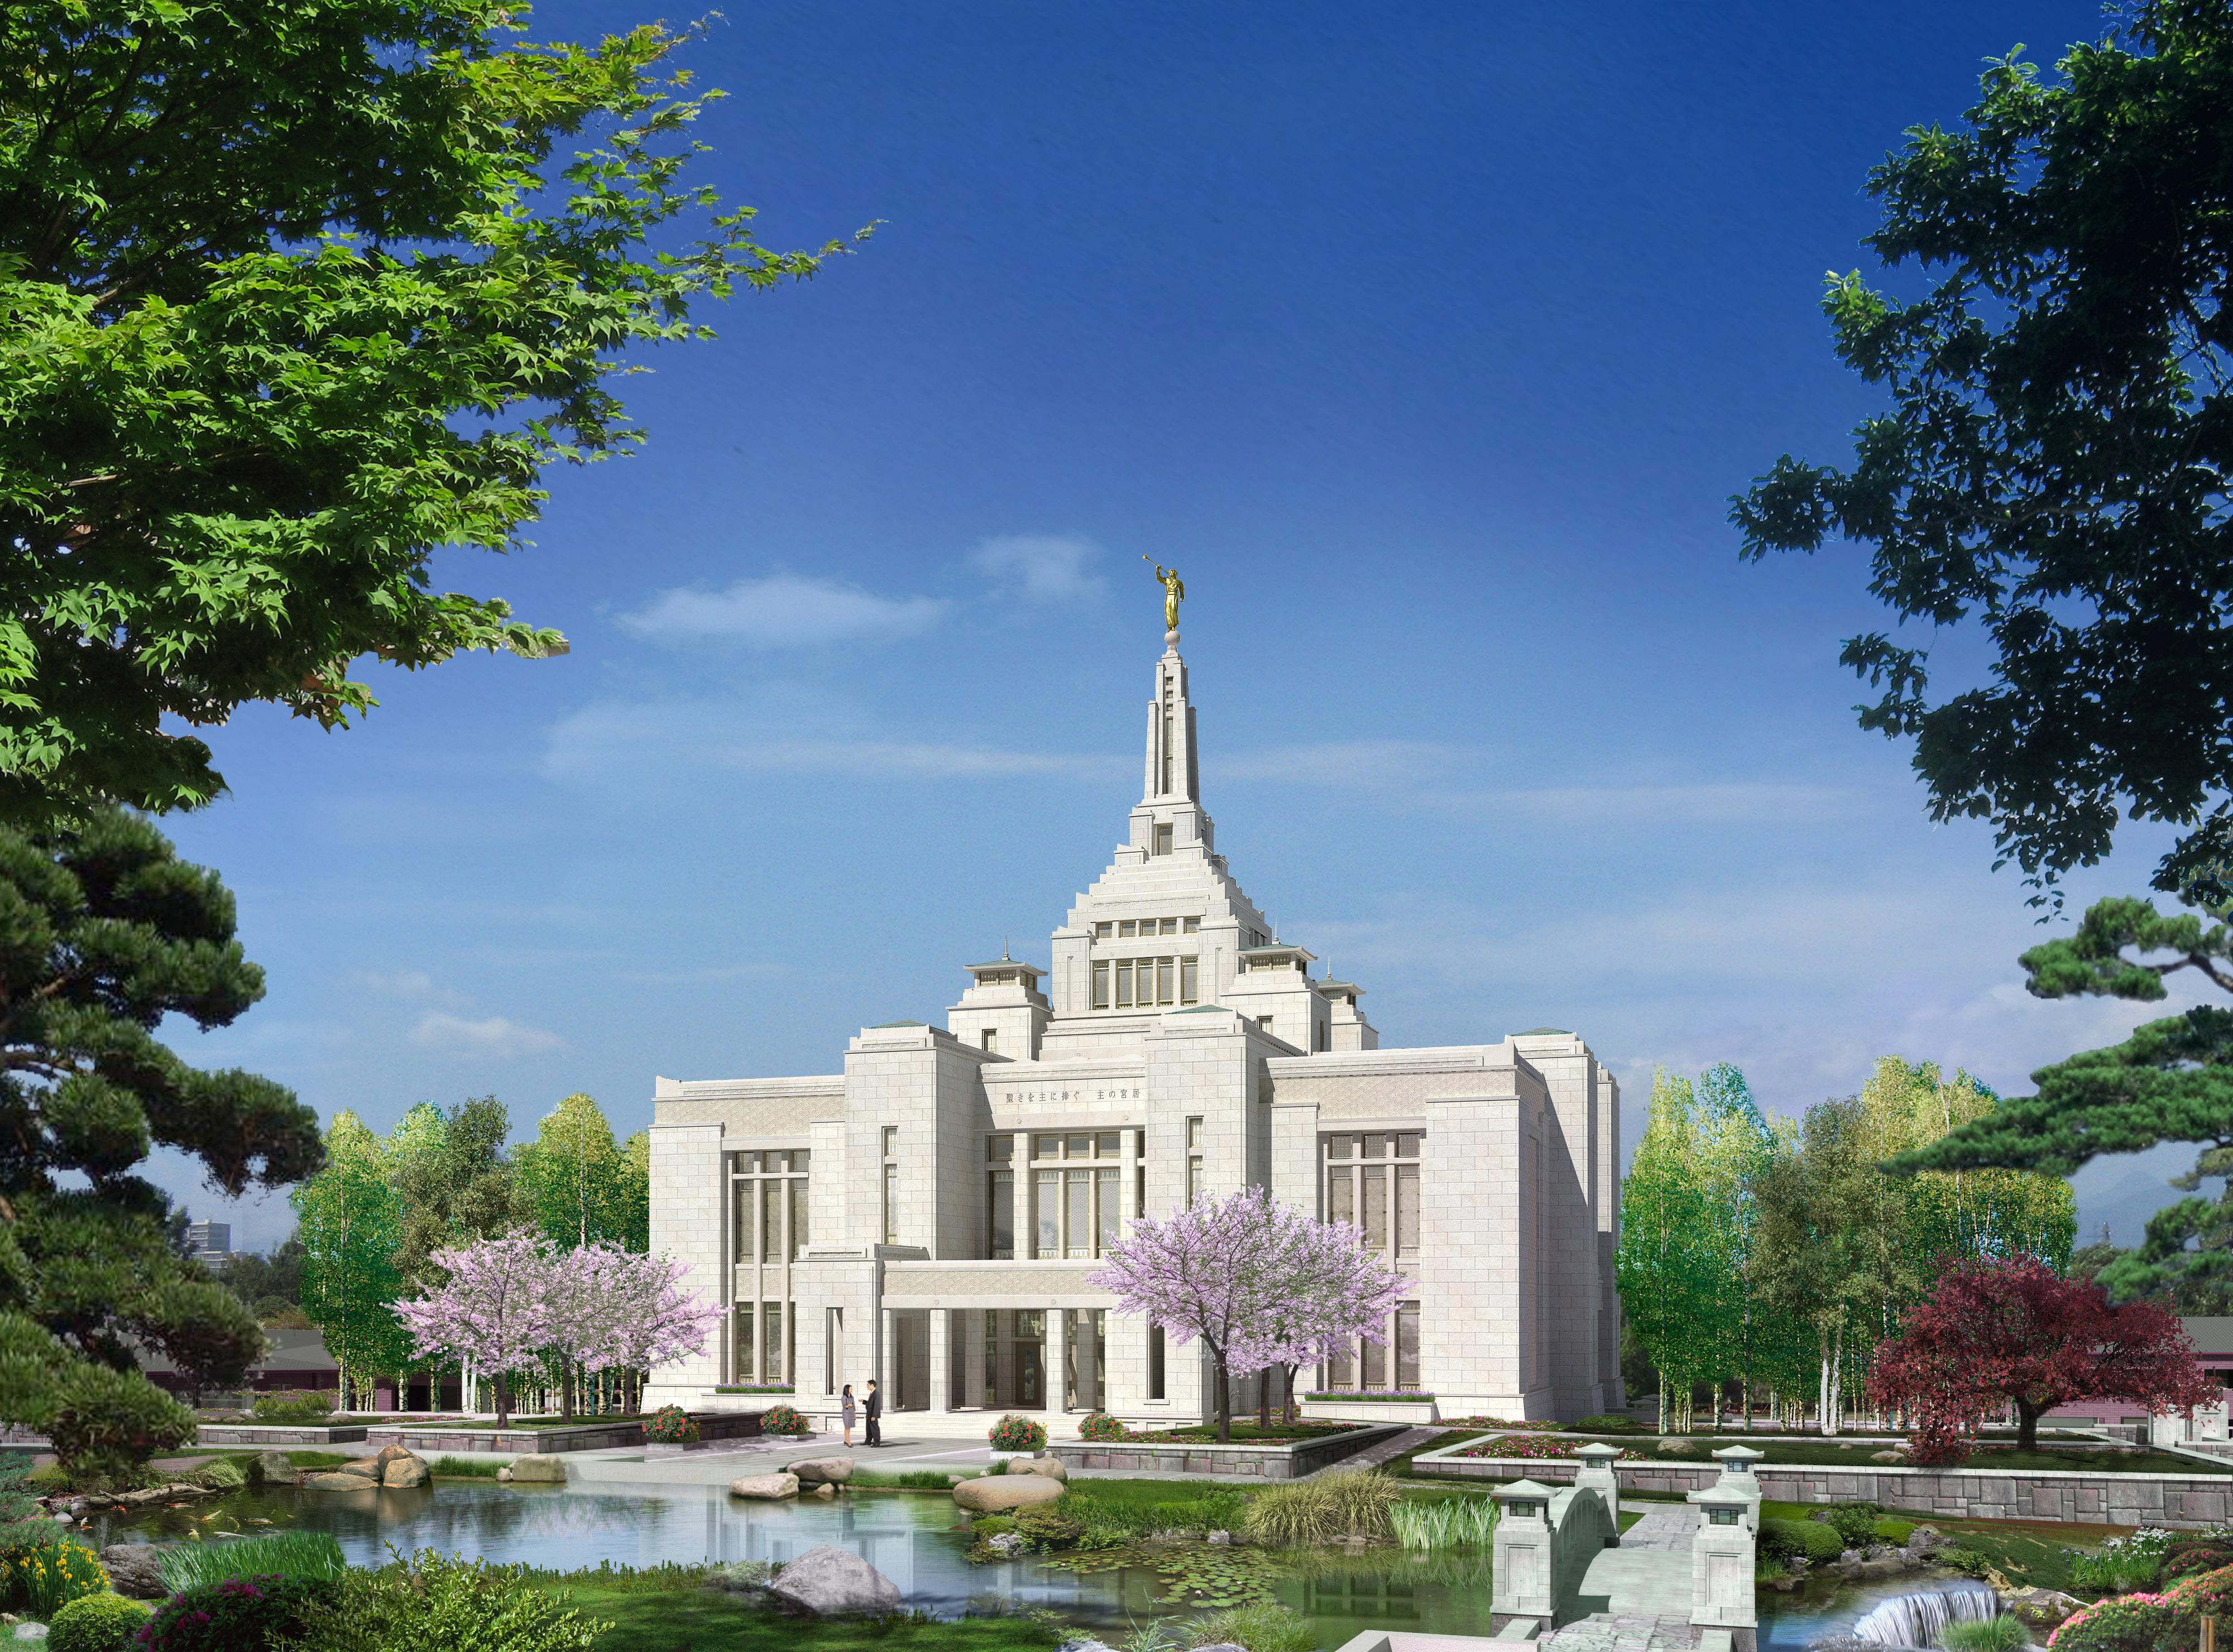 Anuncia fechas de puertas abiertas y dedicación para 3 Templos